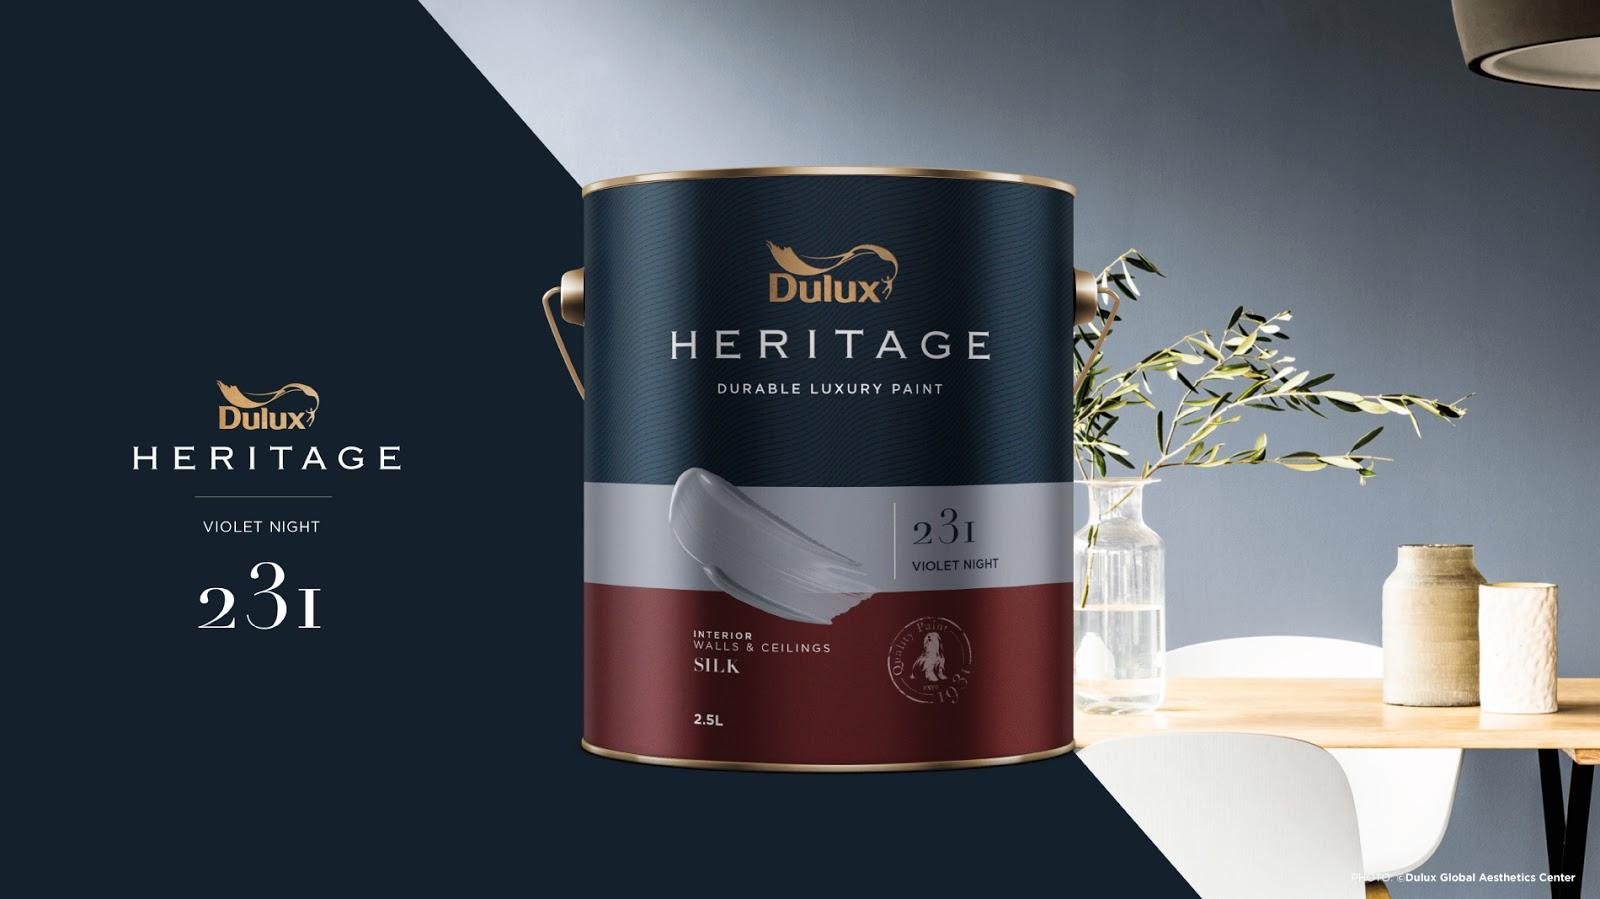 Thiết kế bao bì sản phẩm Dulux Heritage